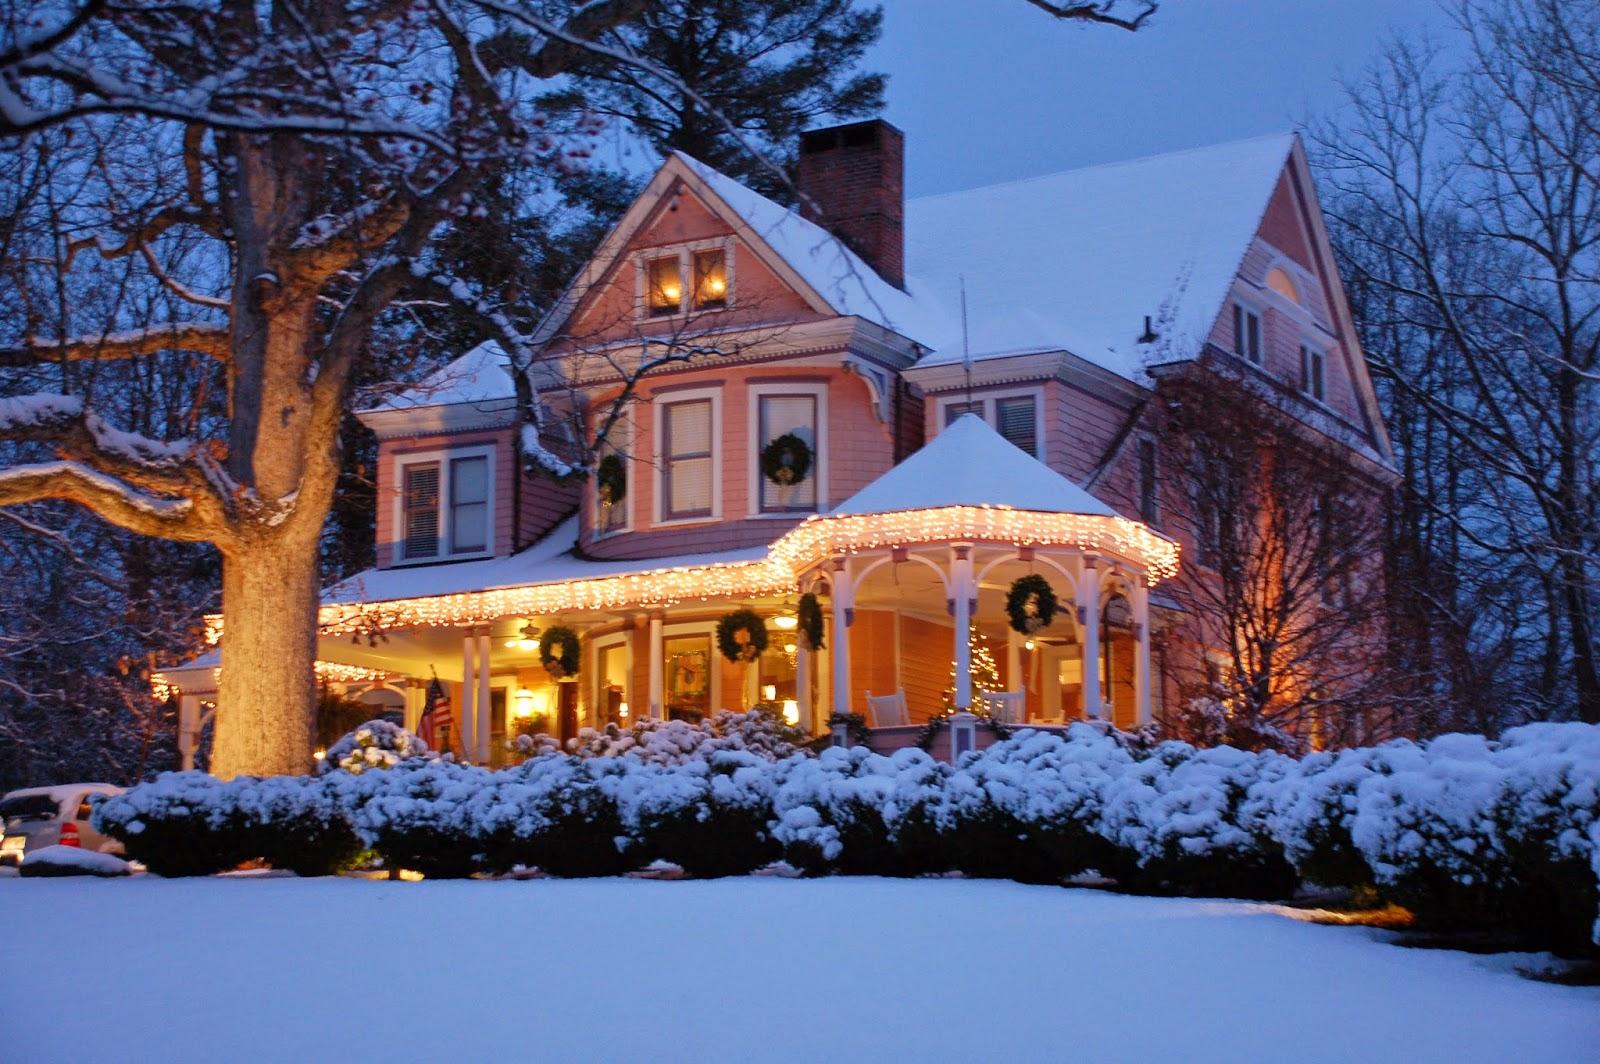 The Beaufort Inn in Asheville, N.C.